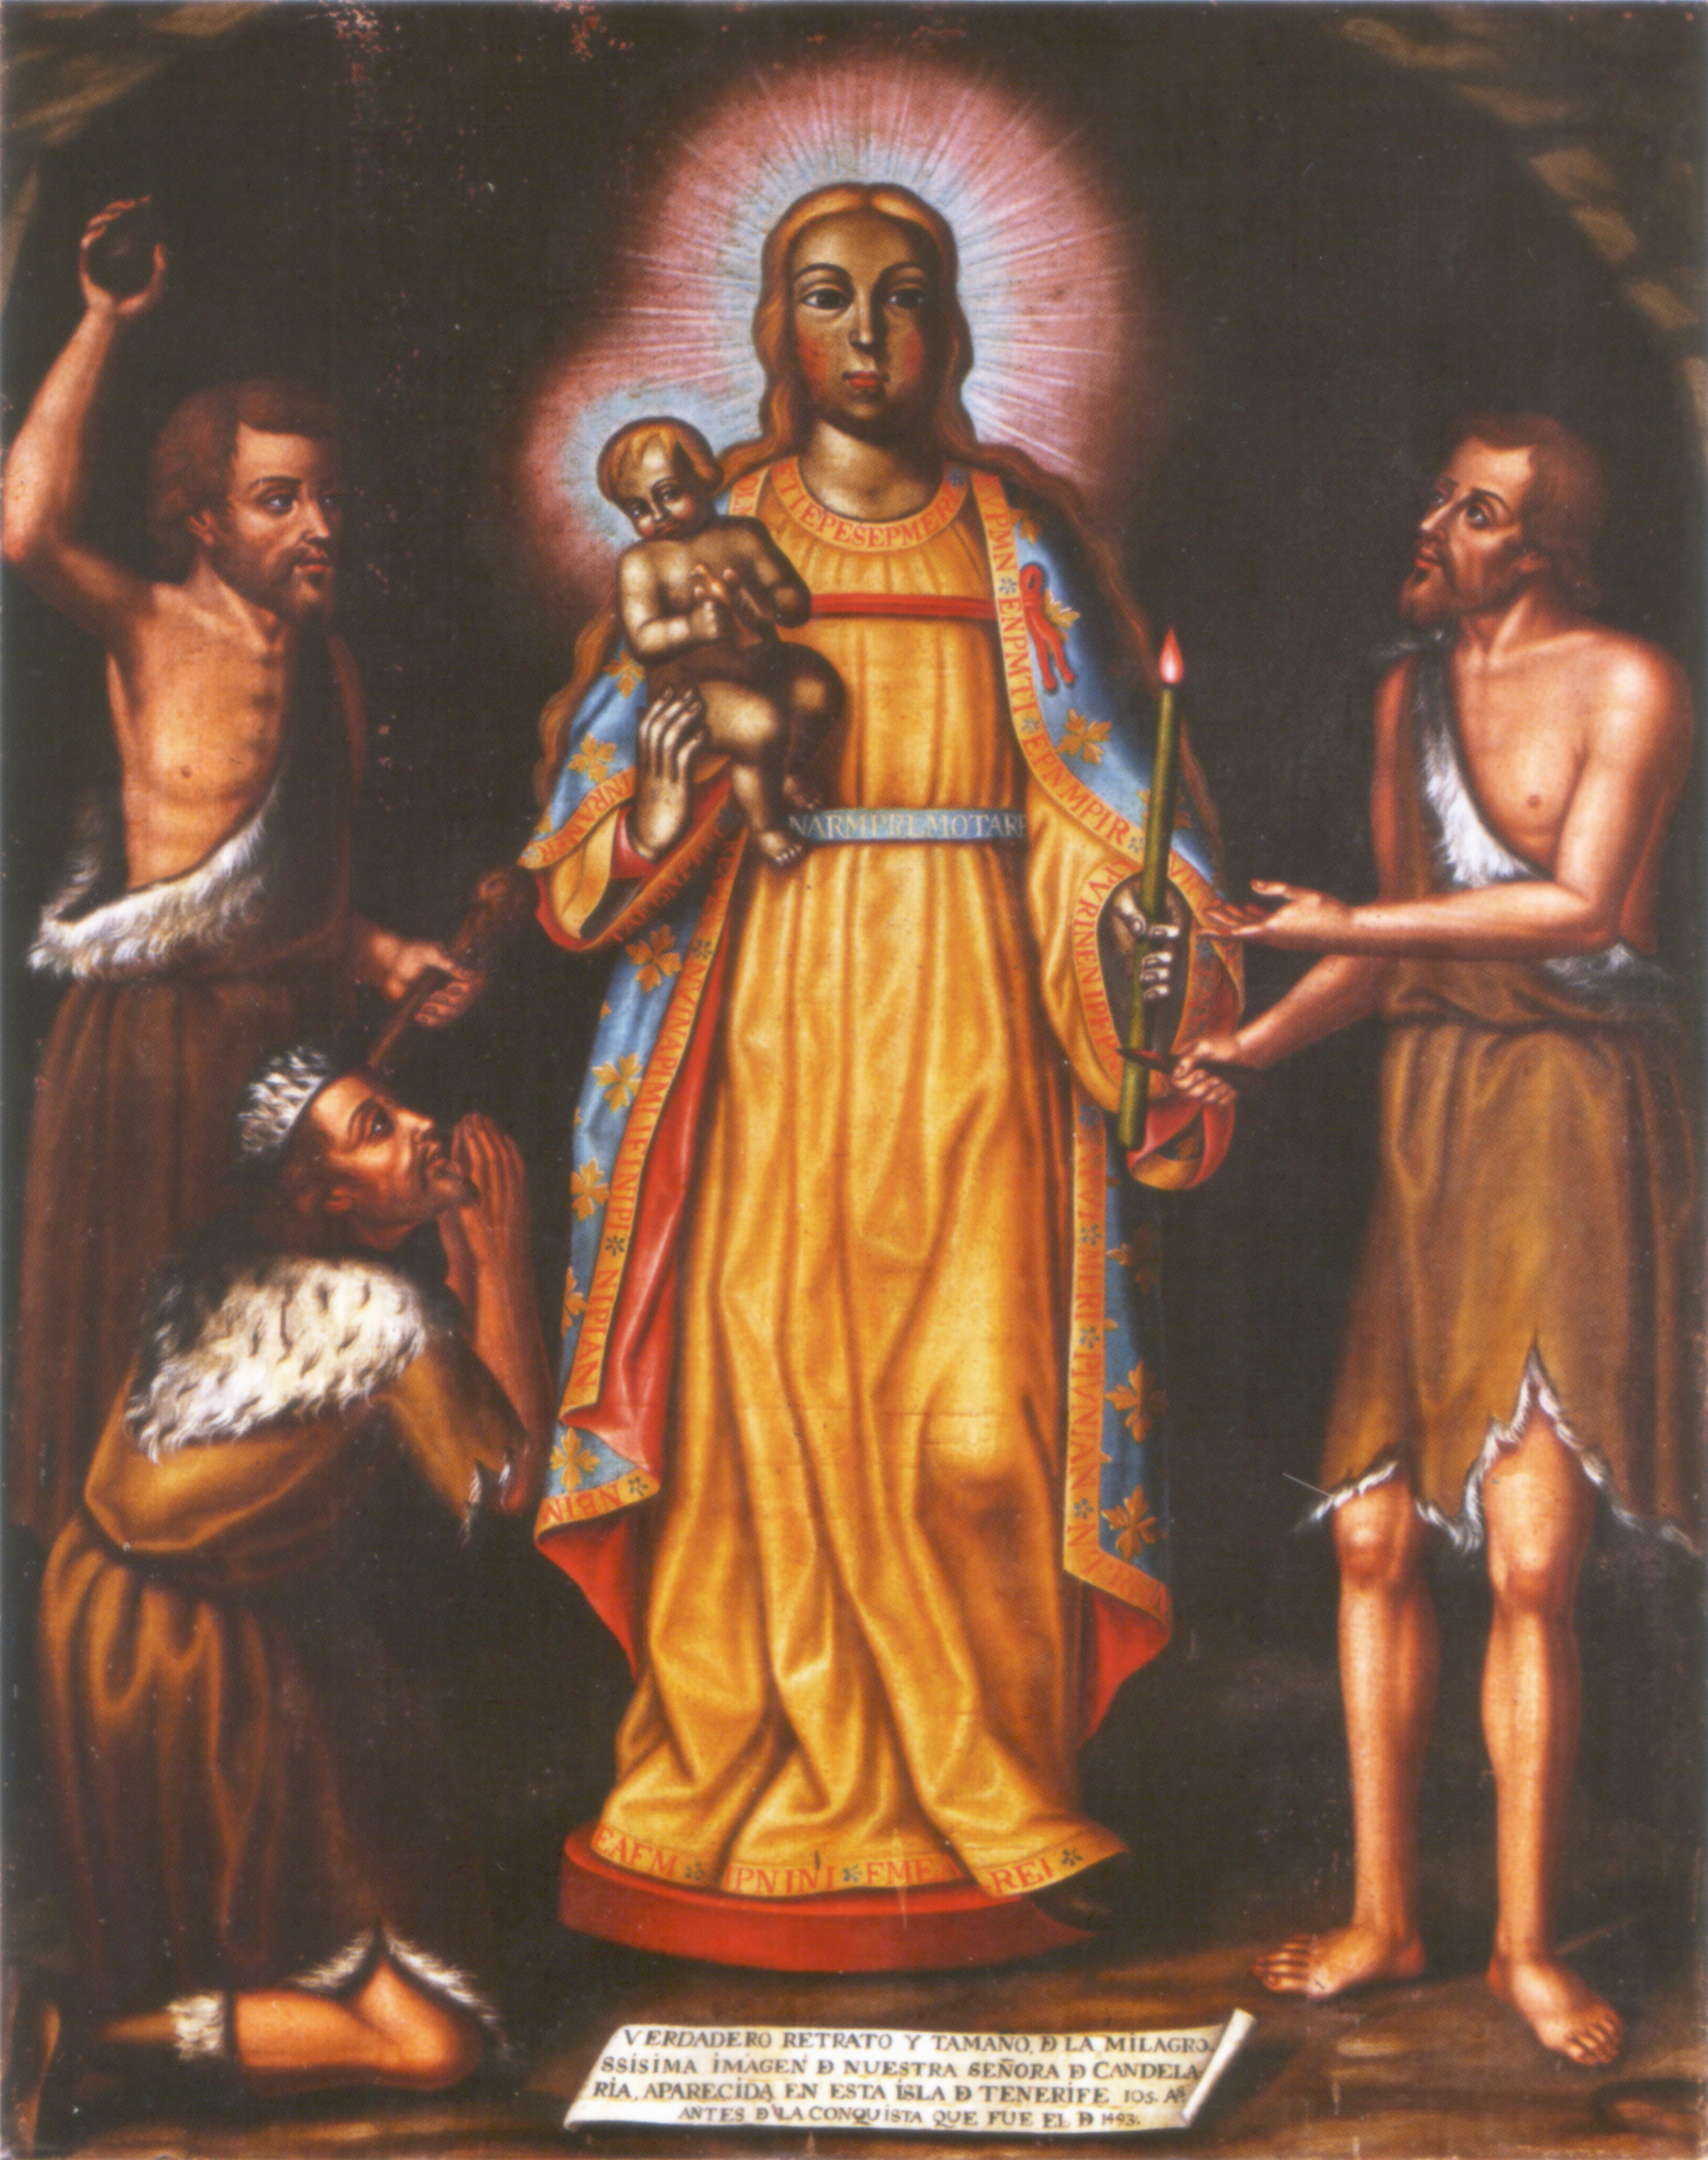 Apareció y Presidió la Colonización de América: Virgen de la Candelaria de Islas Canarias, España (2 de febrero y 15 de agosto)